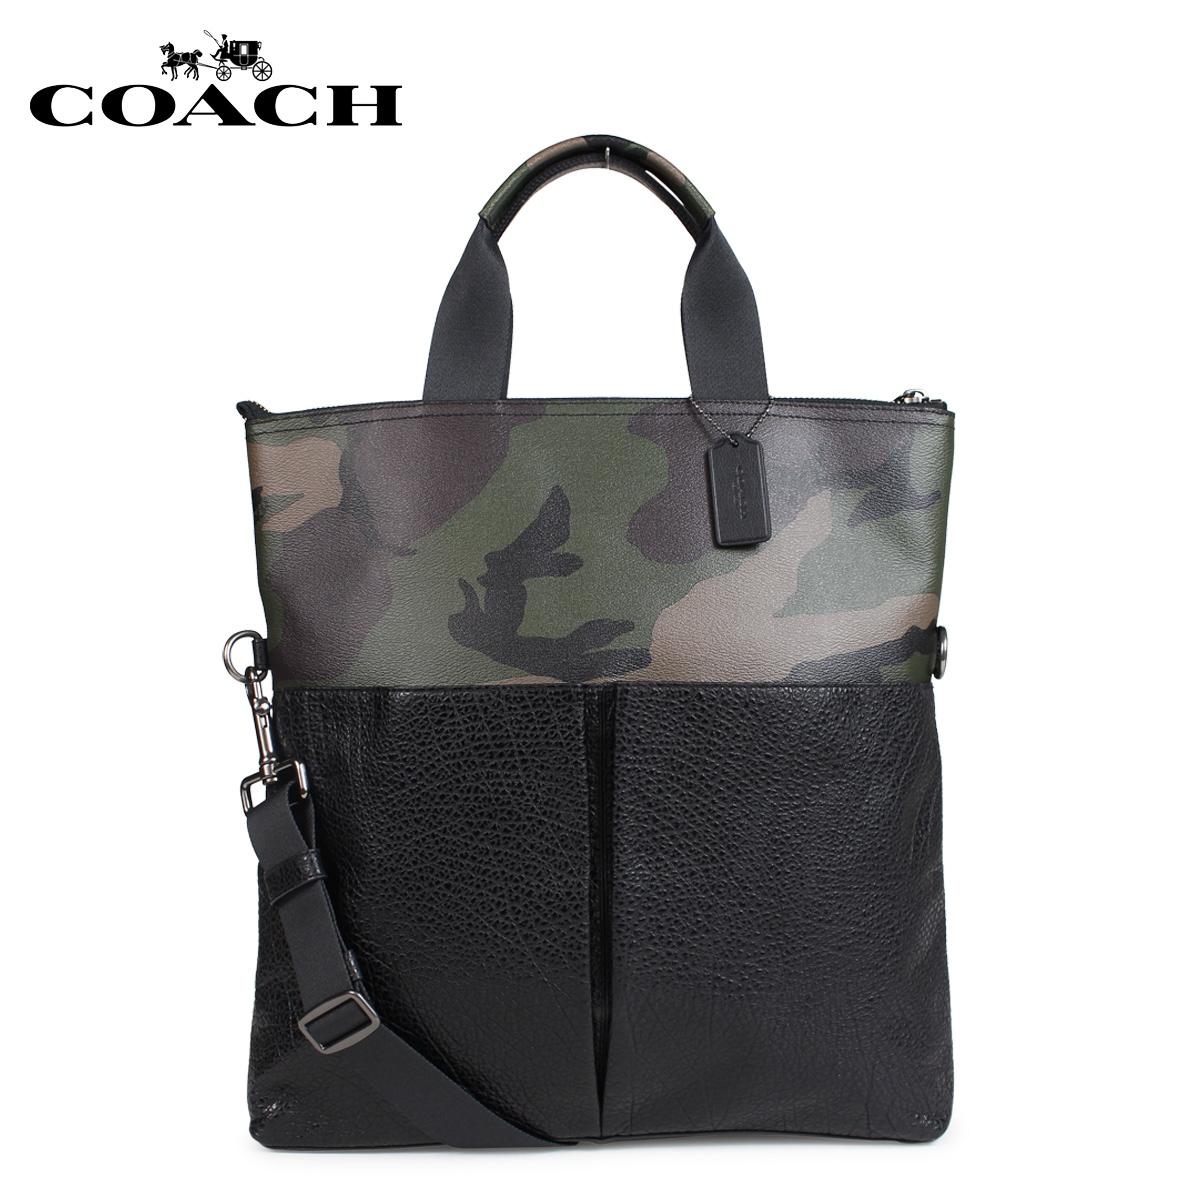 COACH コーチ バッグ トートバッグ メンズ 2WAY グリーンカモ F29706 [3/1 再入荷]